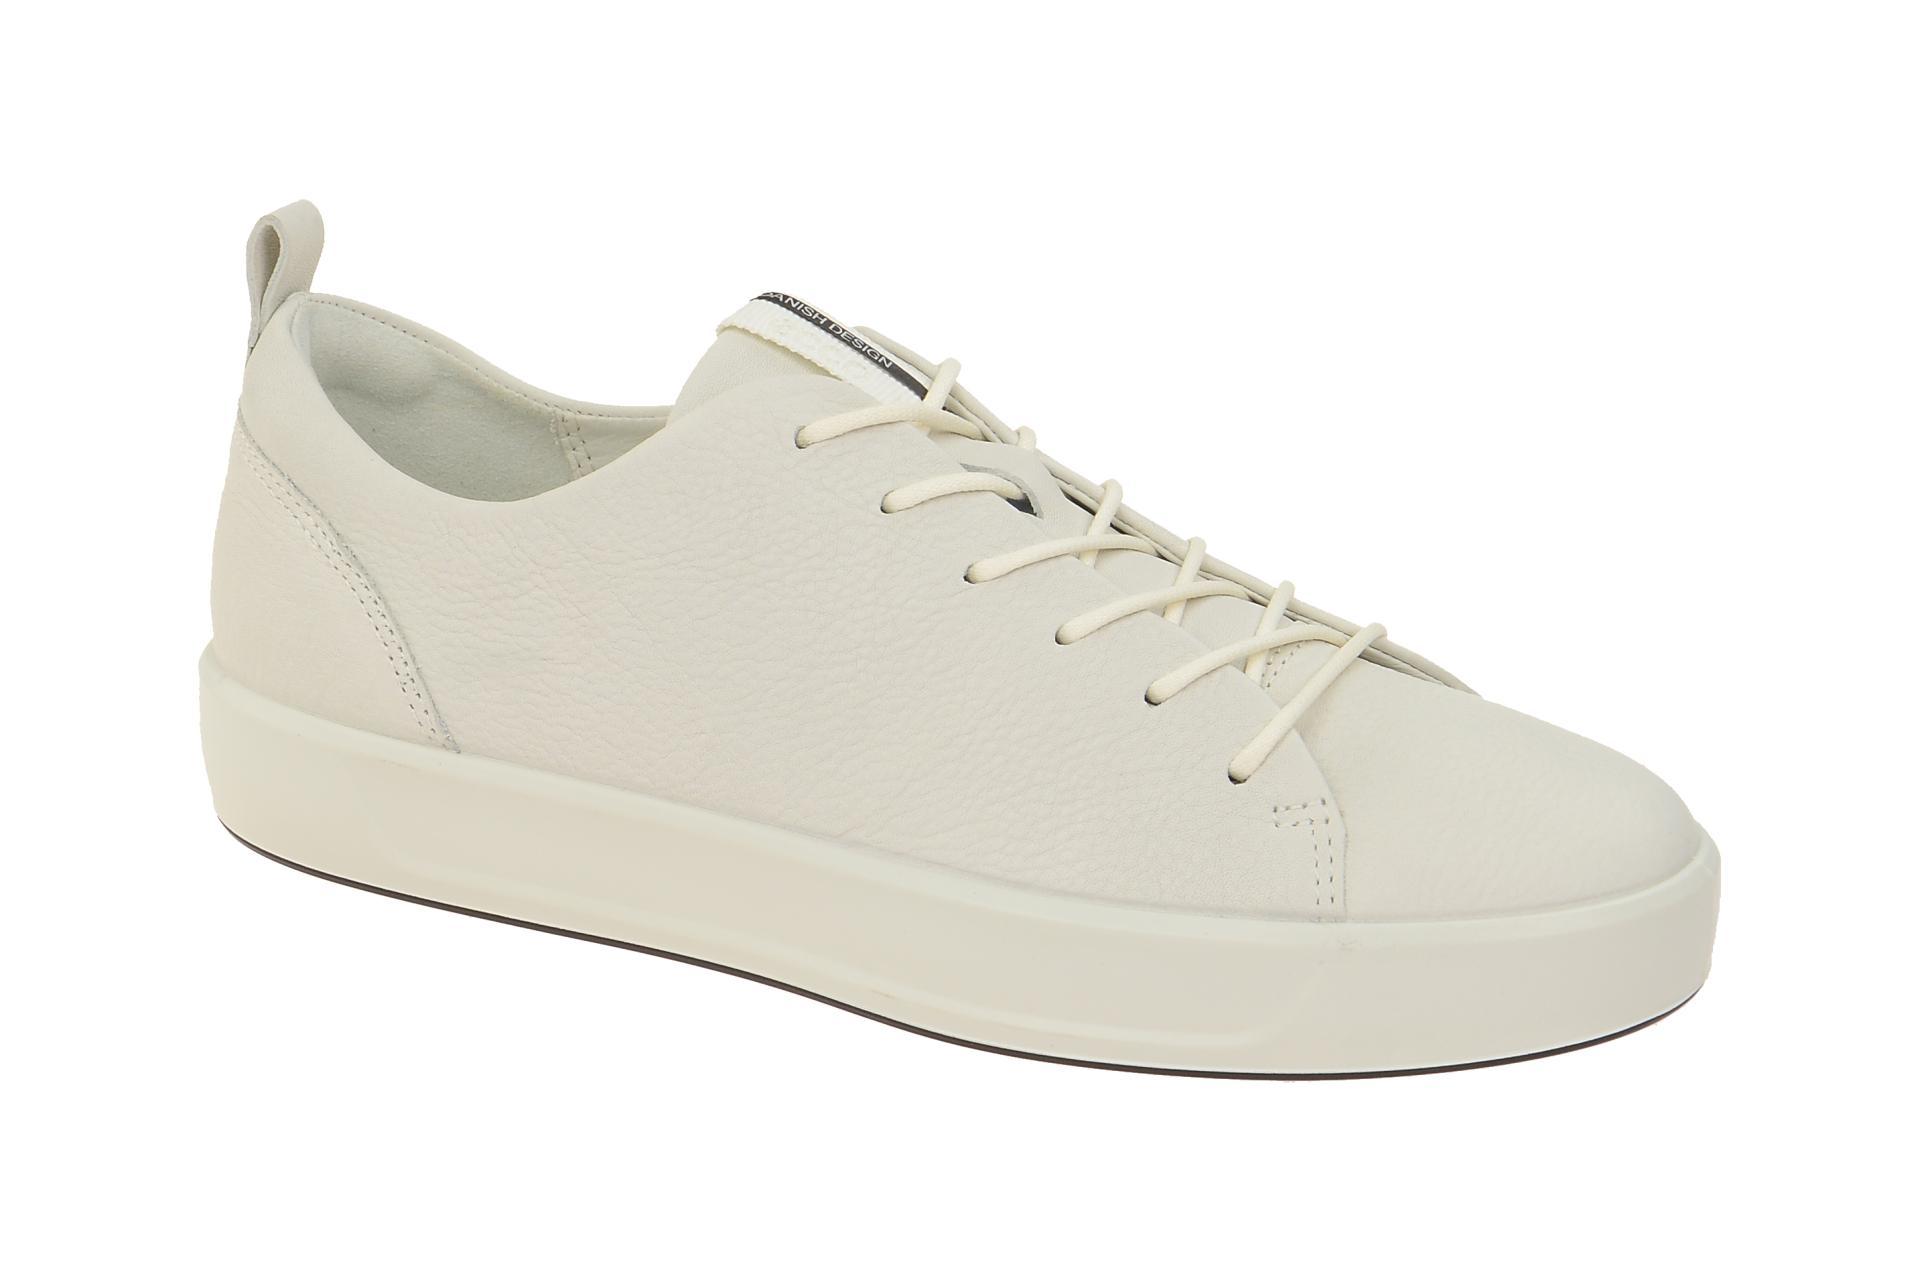 Ecco Sneaker Schuhe Soft 8 Ladies weiß